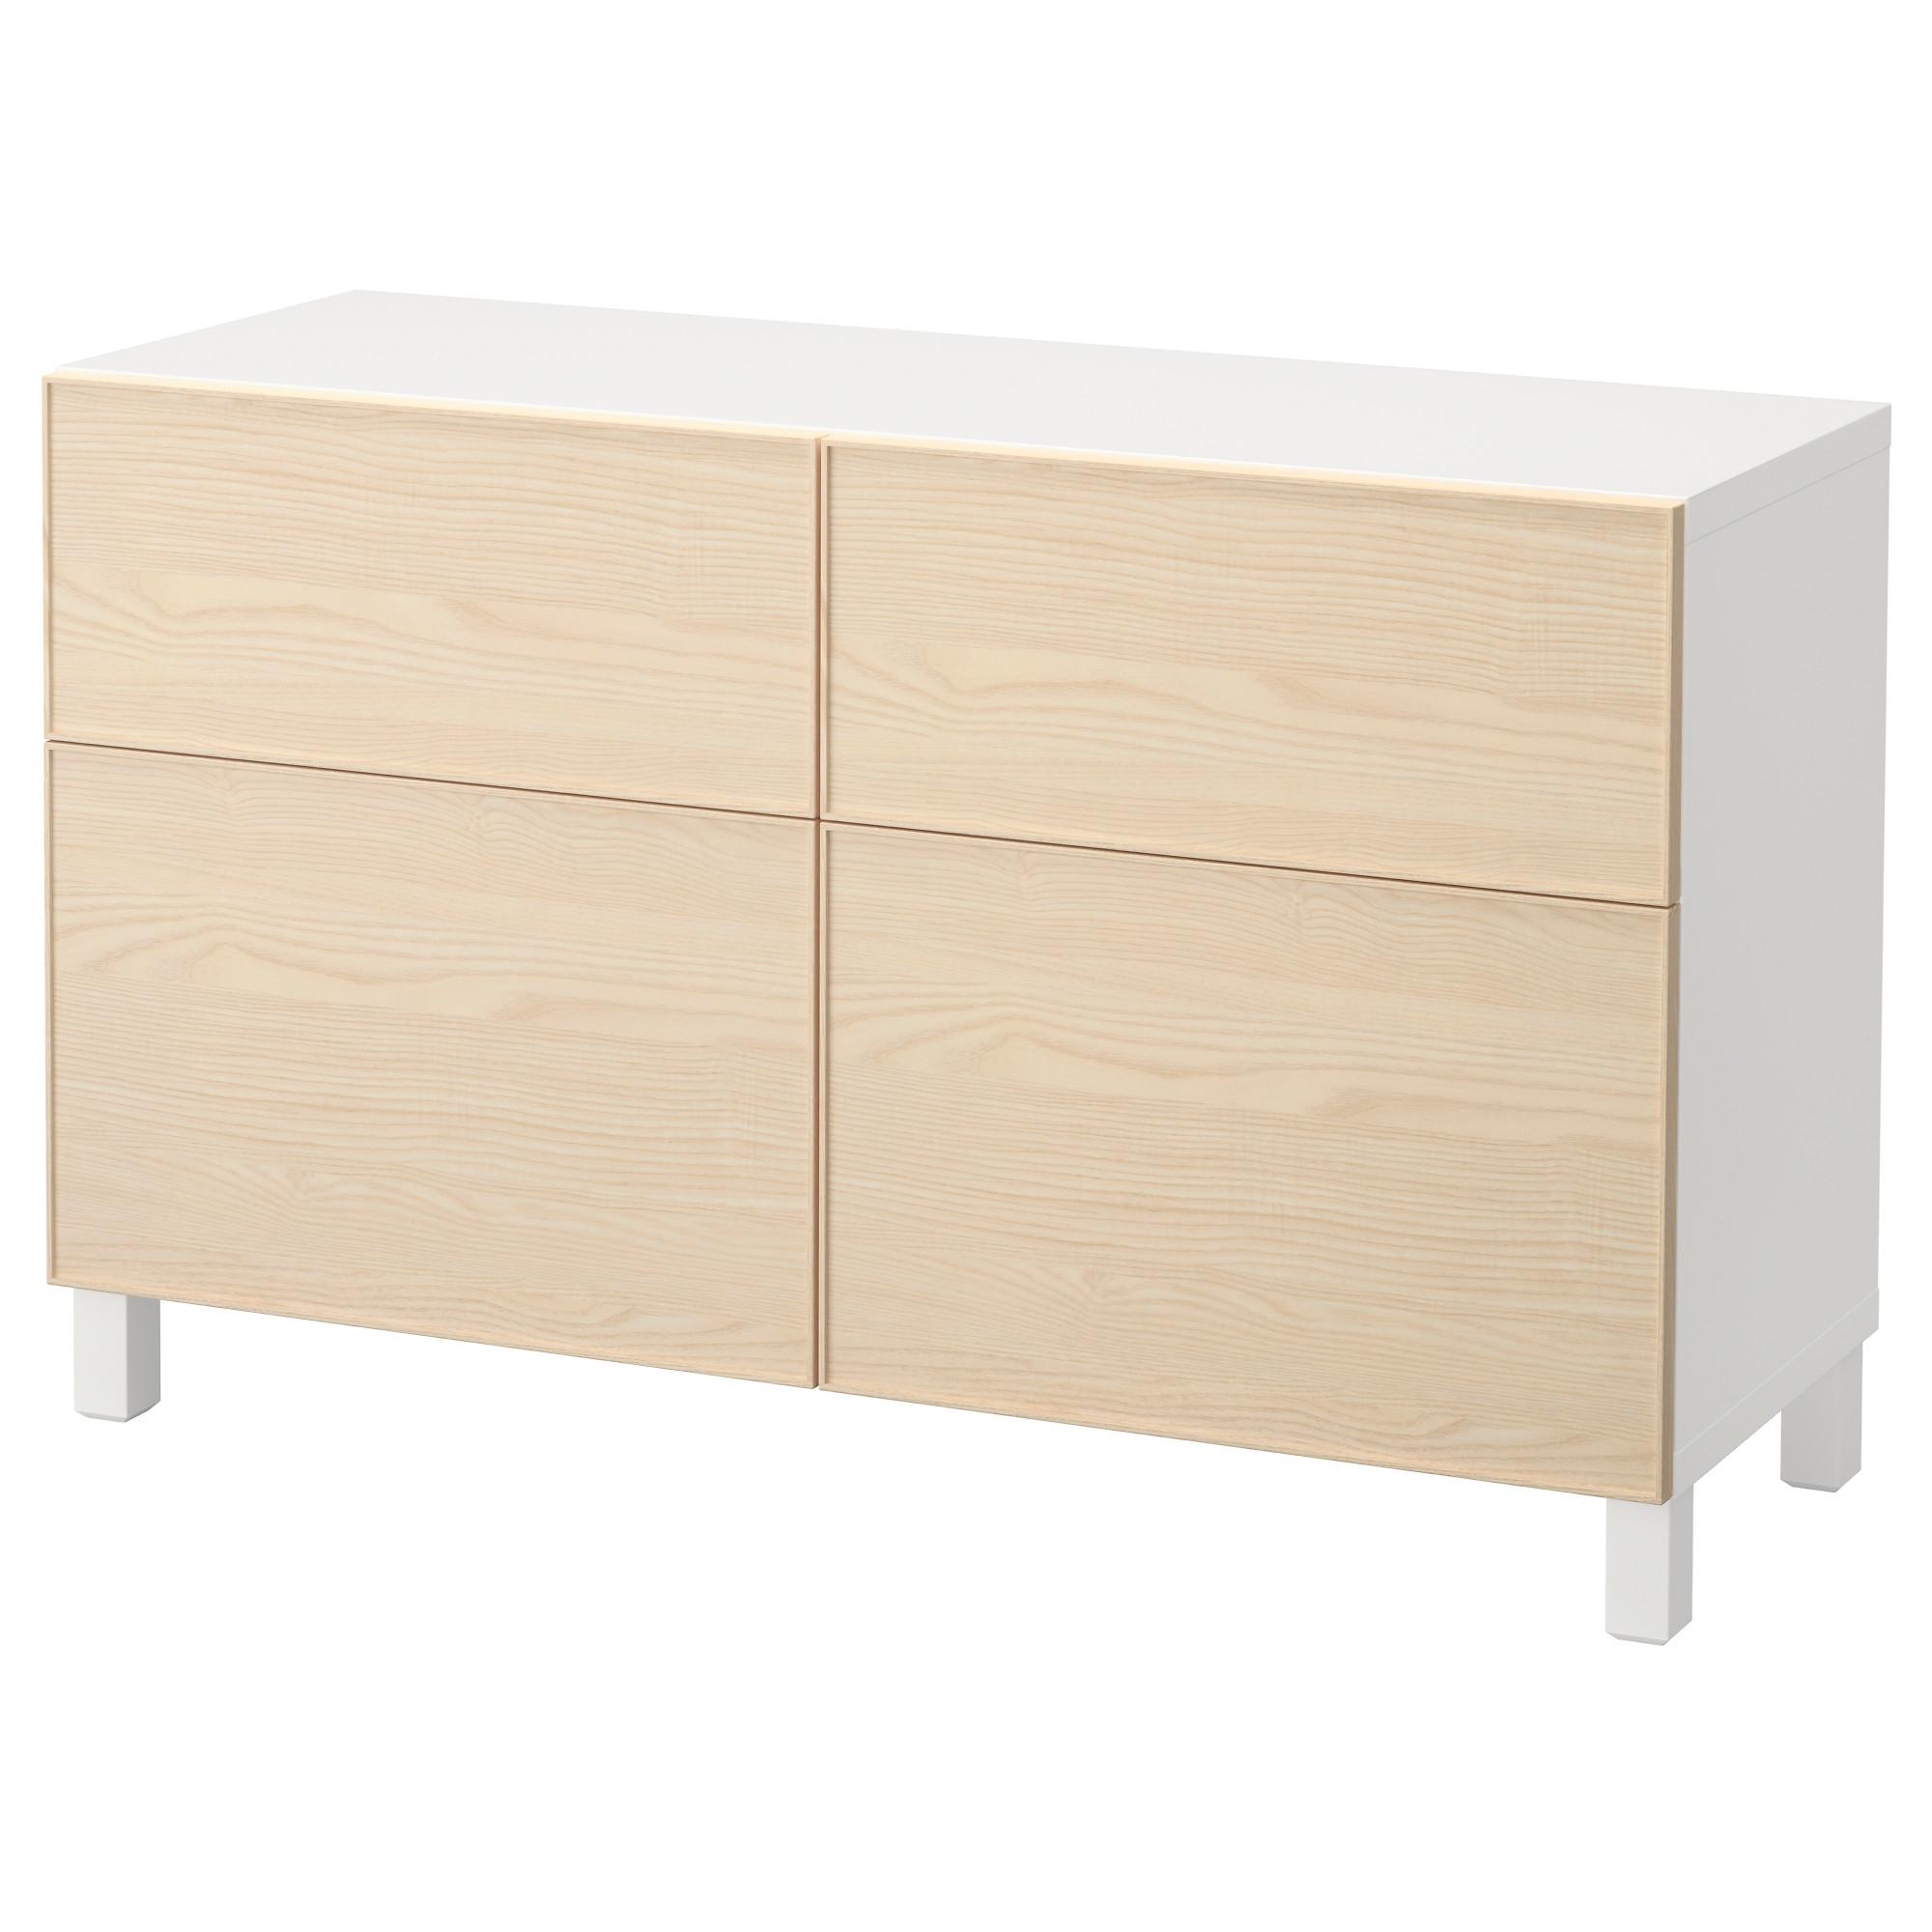 Комбинация для хранения с дверцами, ящиками БЕСТО белый артикуль № 792.492.29 в наличии. Интернет сайт IKEA Беларусь. Быстрая доставка и установка.